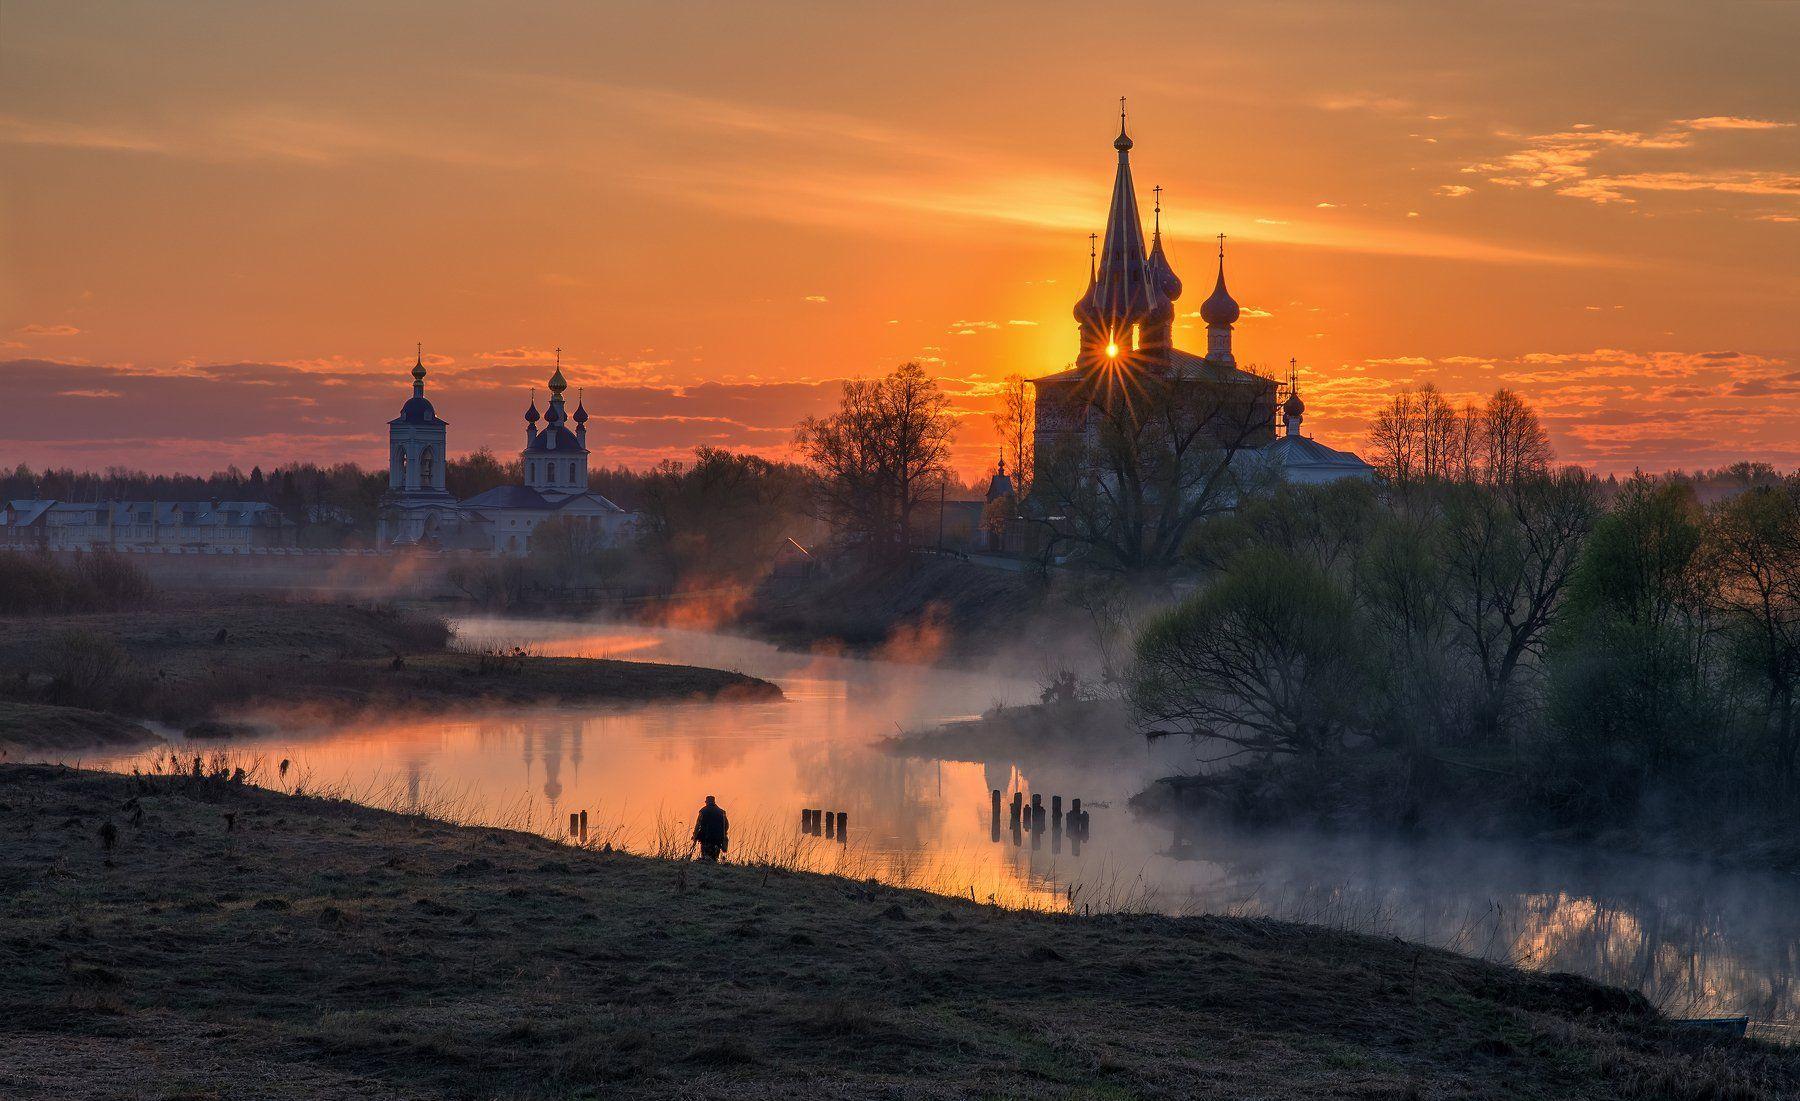 Дунилово Ивановская область Россия пейзаж рассвет туман церковь церквушки путешествия, Сергей Давыдов